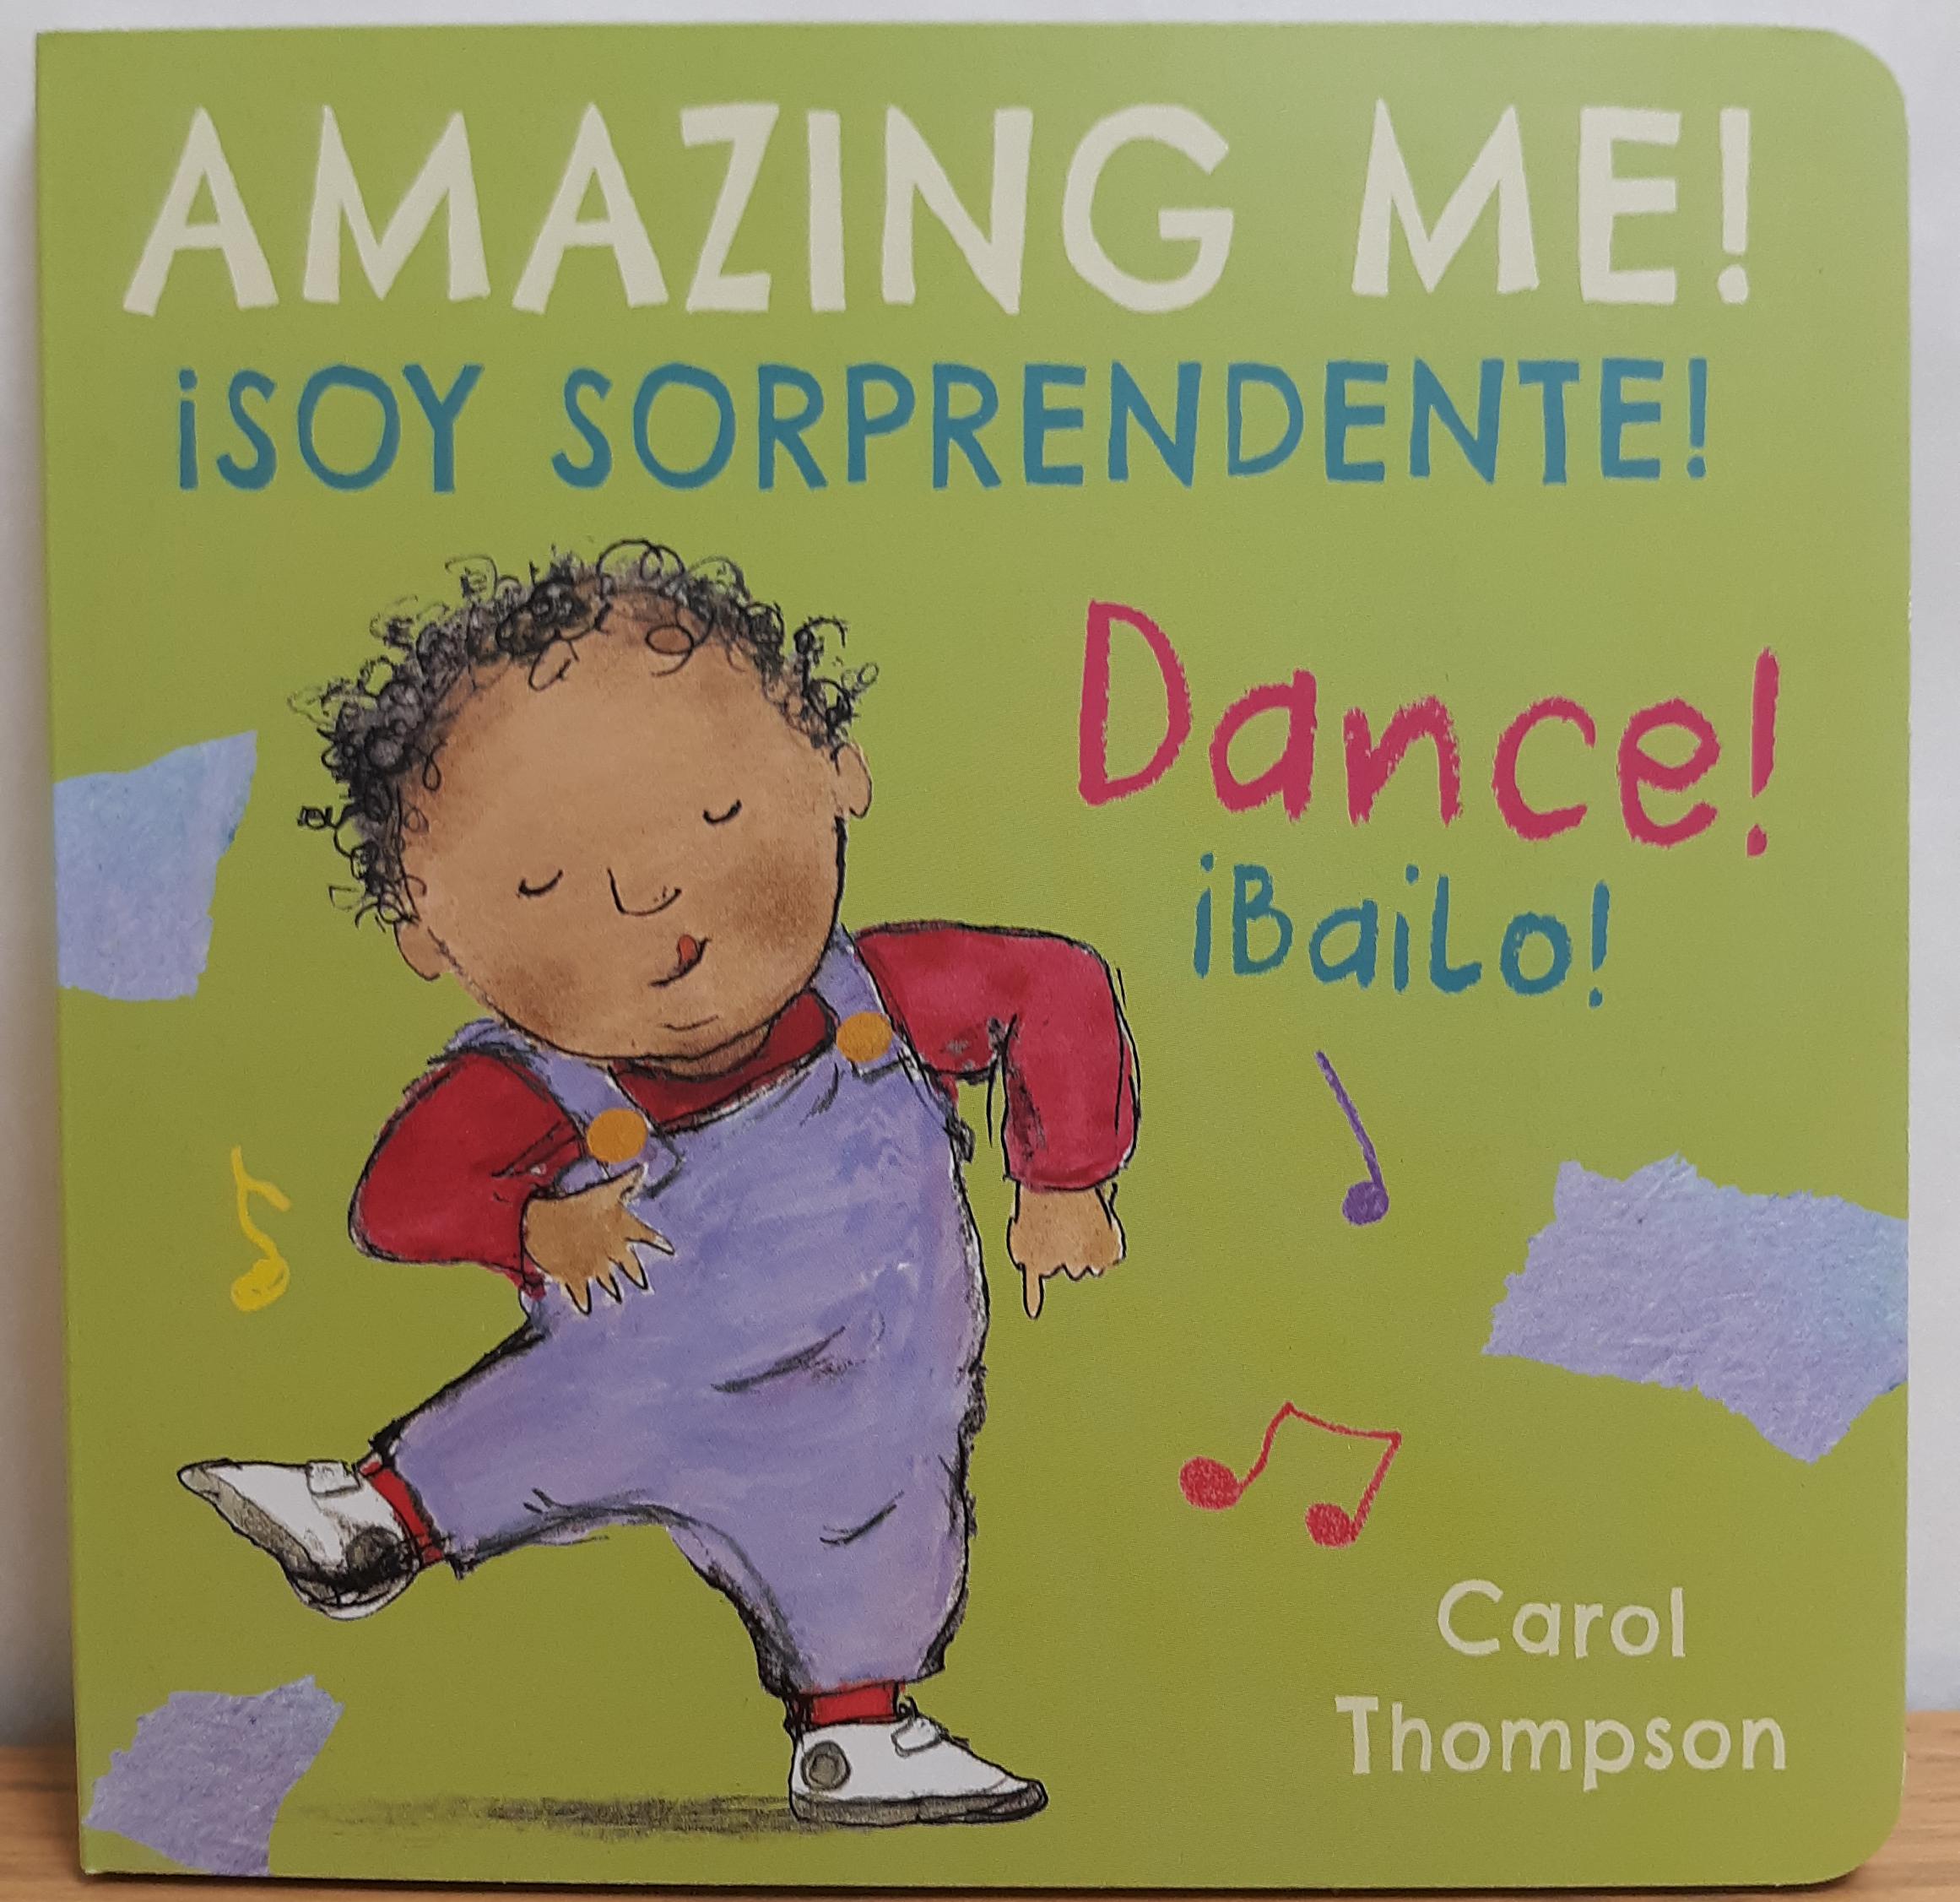 https://0201.nccdn.net/1_2/000/000/13f/f9f/amazing-me-dance.png